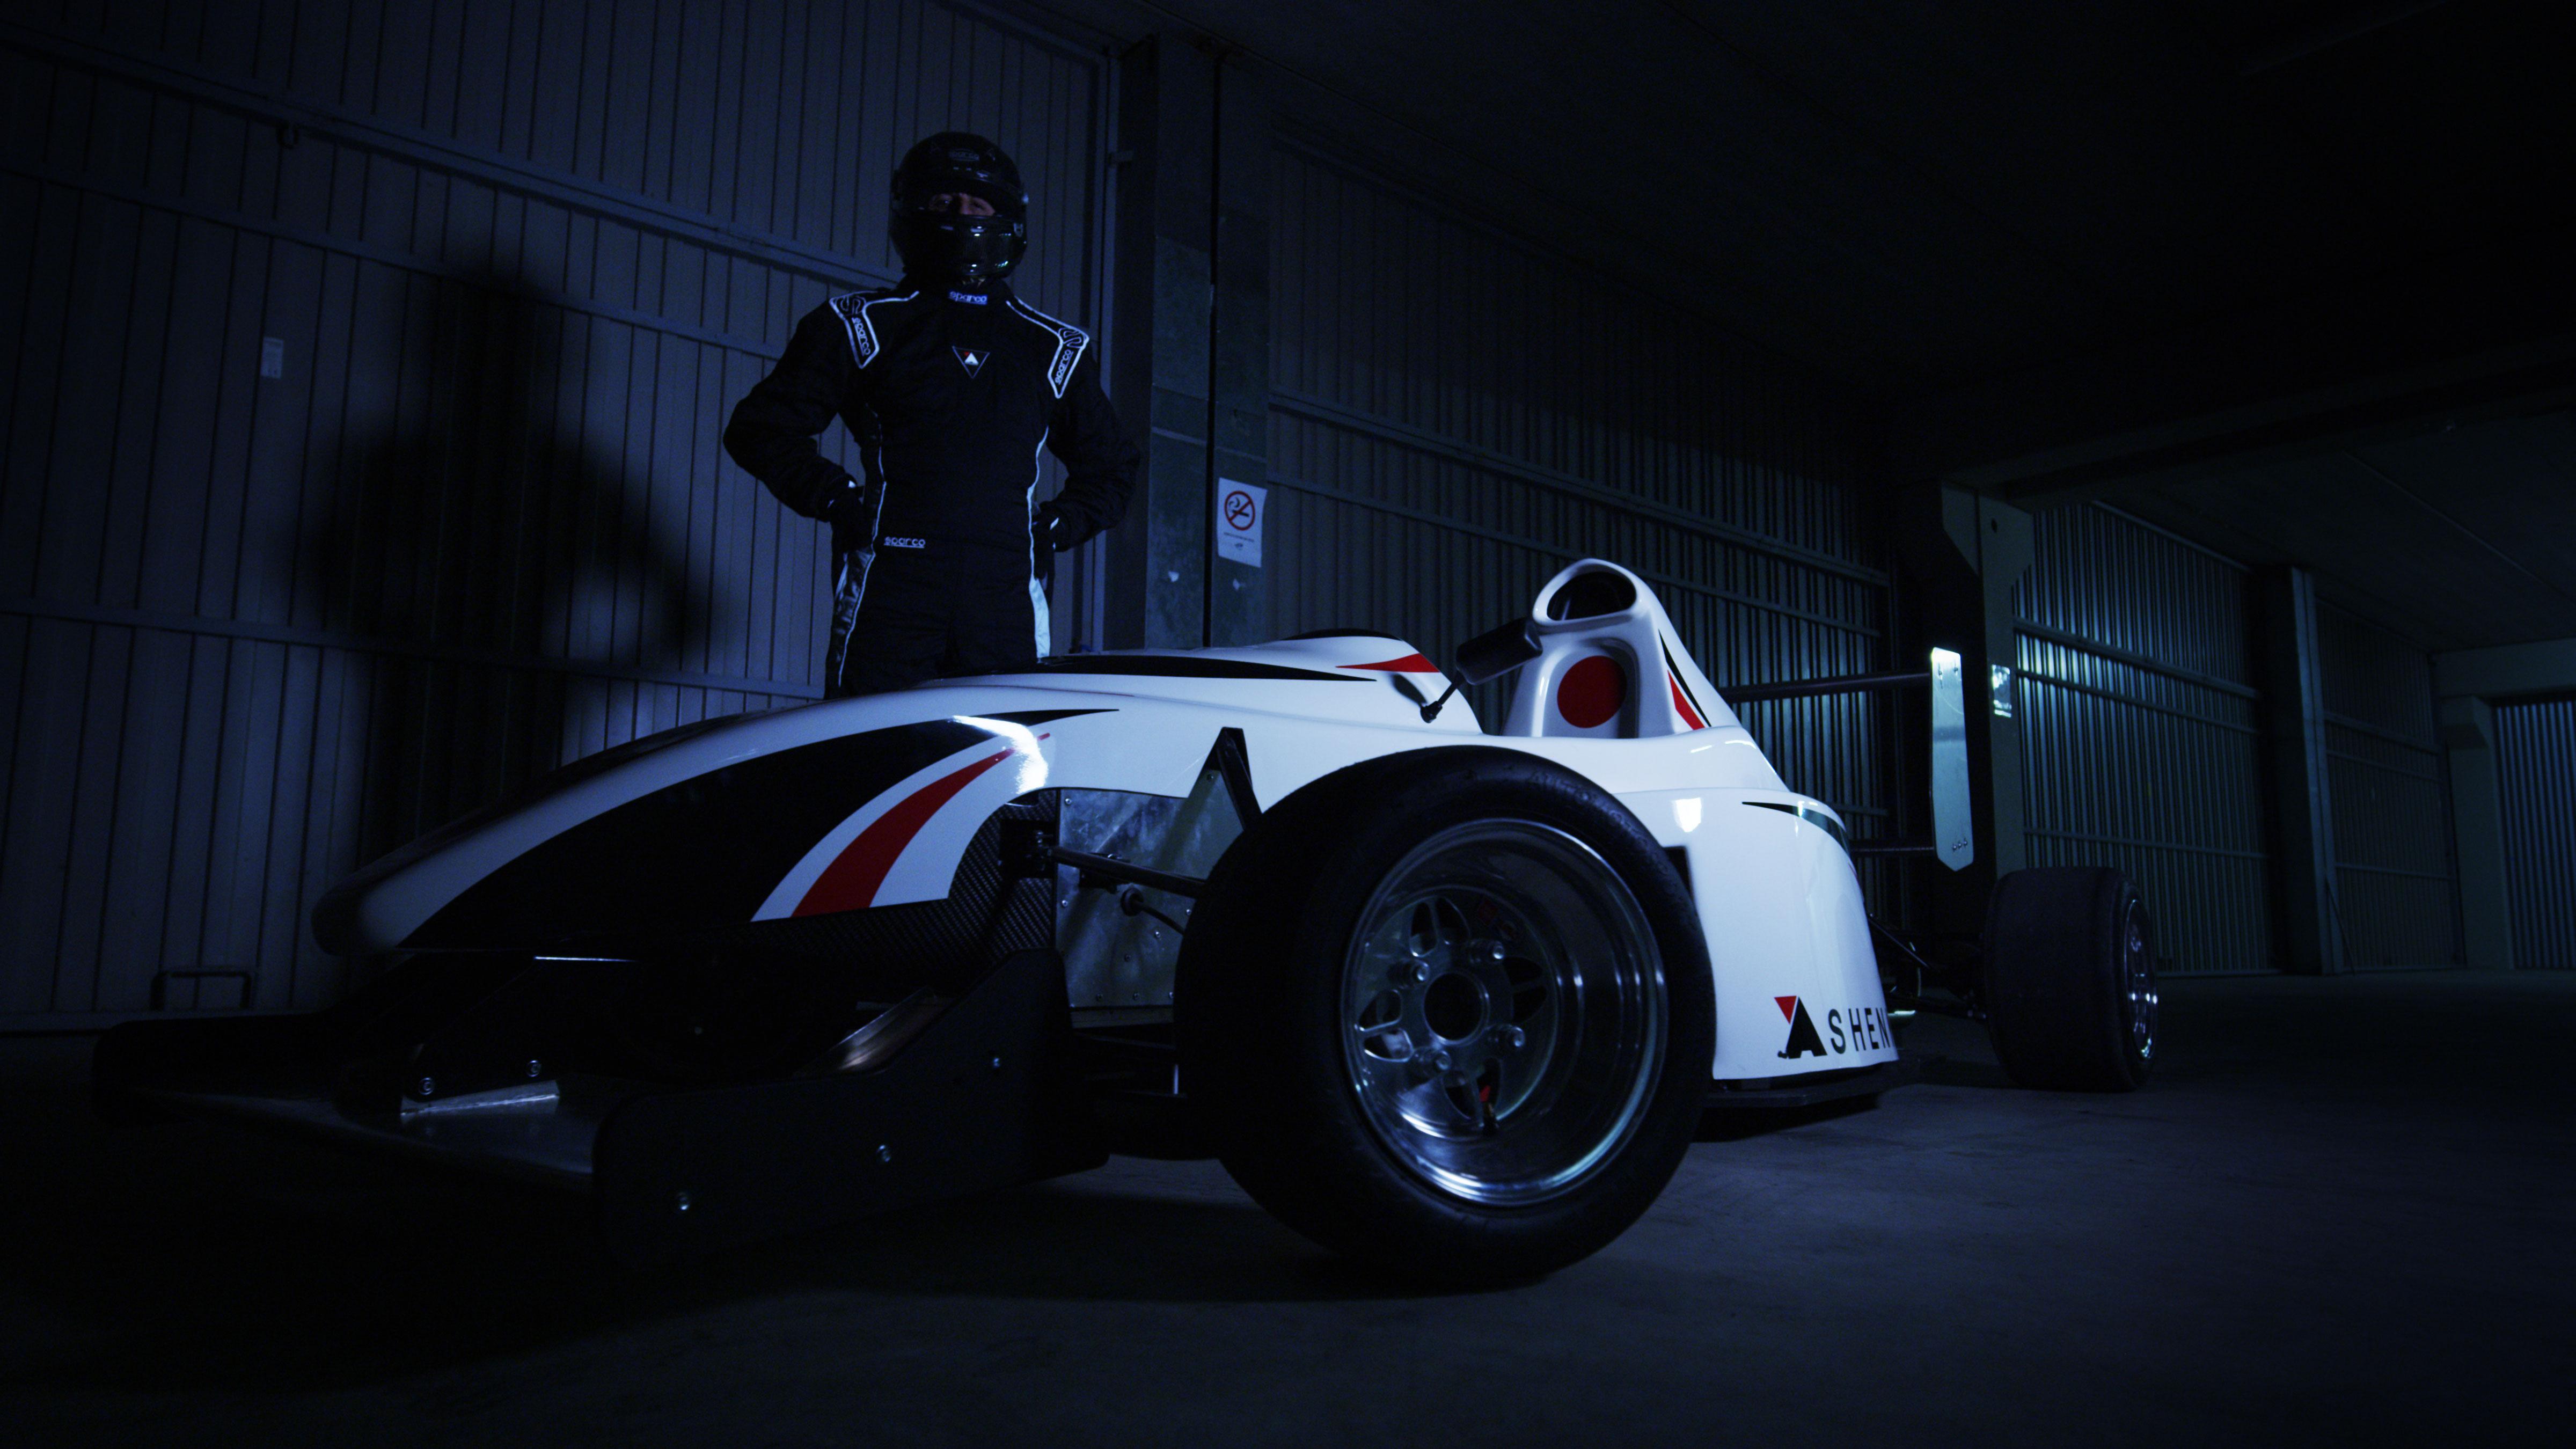 Video per Formula Ashenkoff di Motik - img3